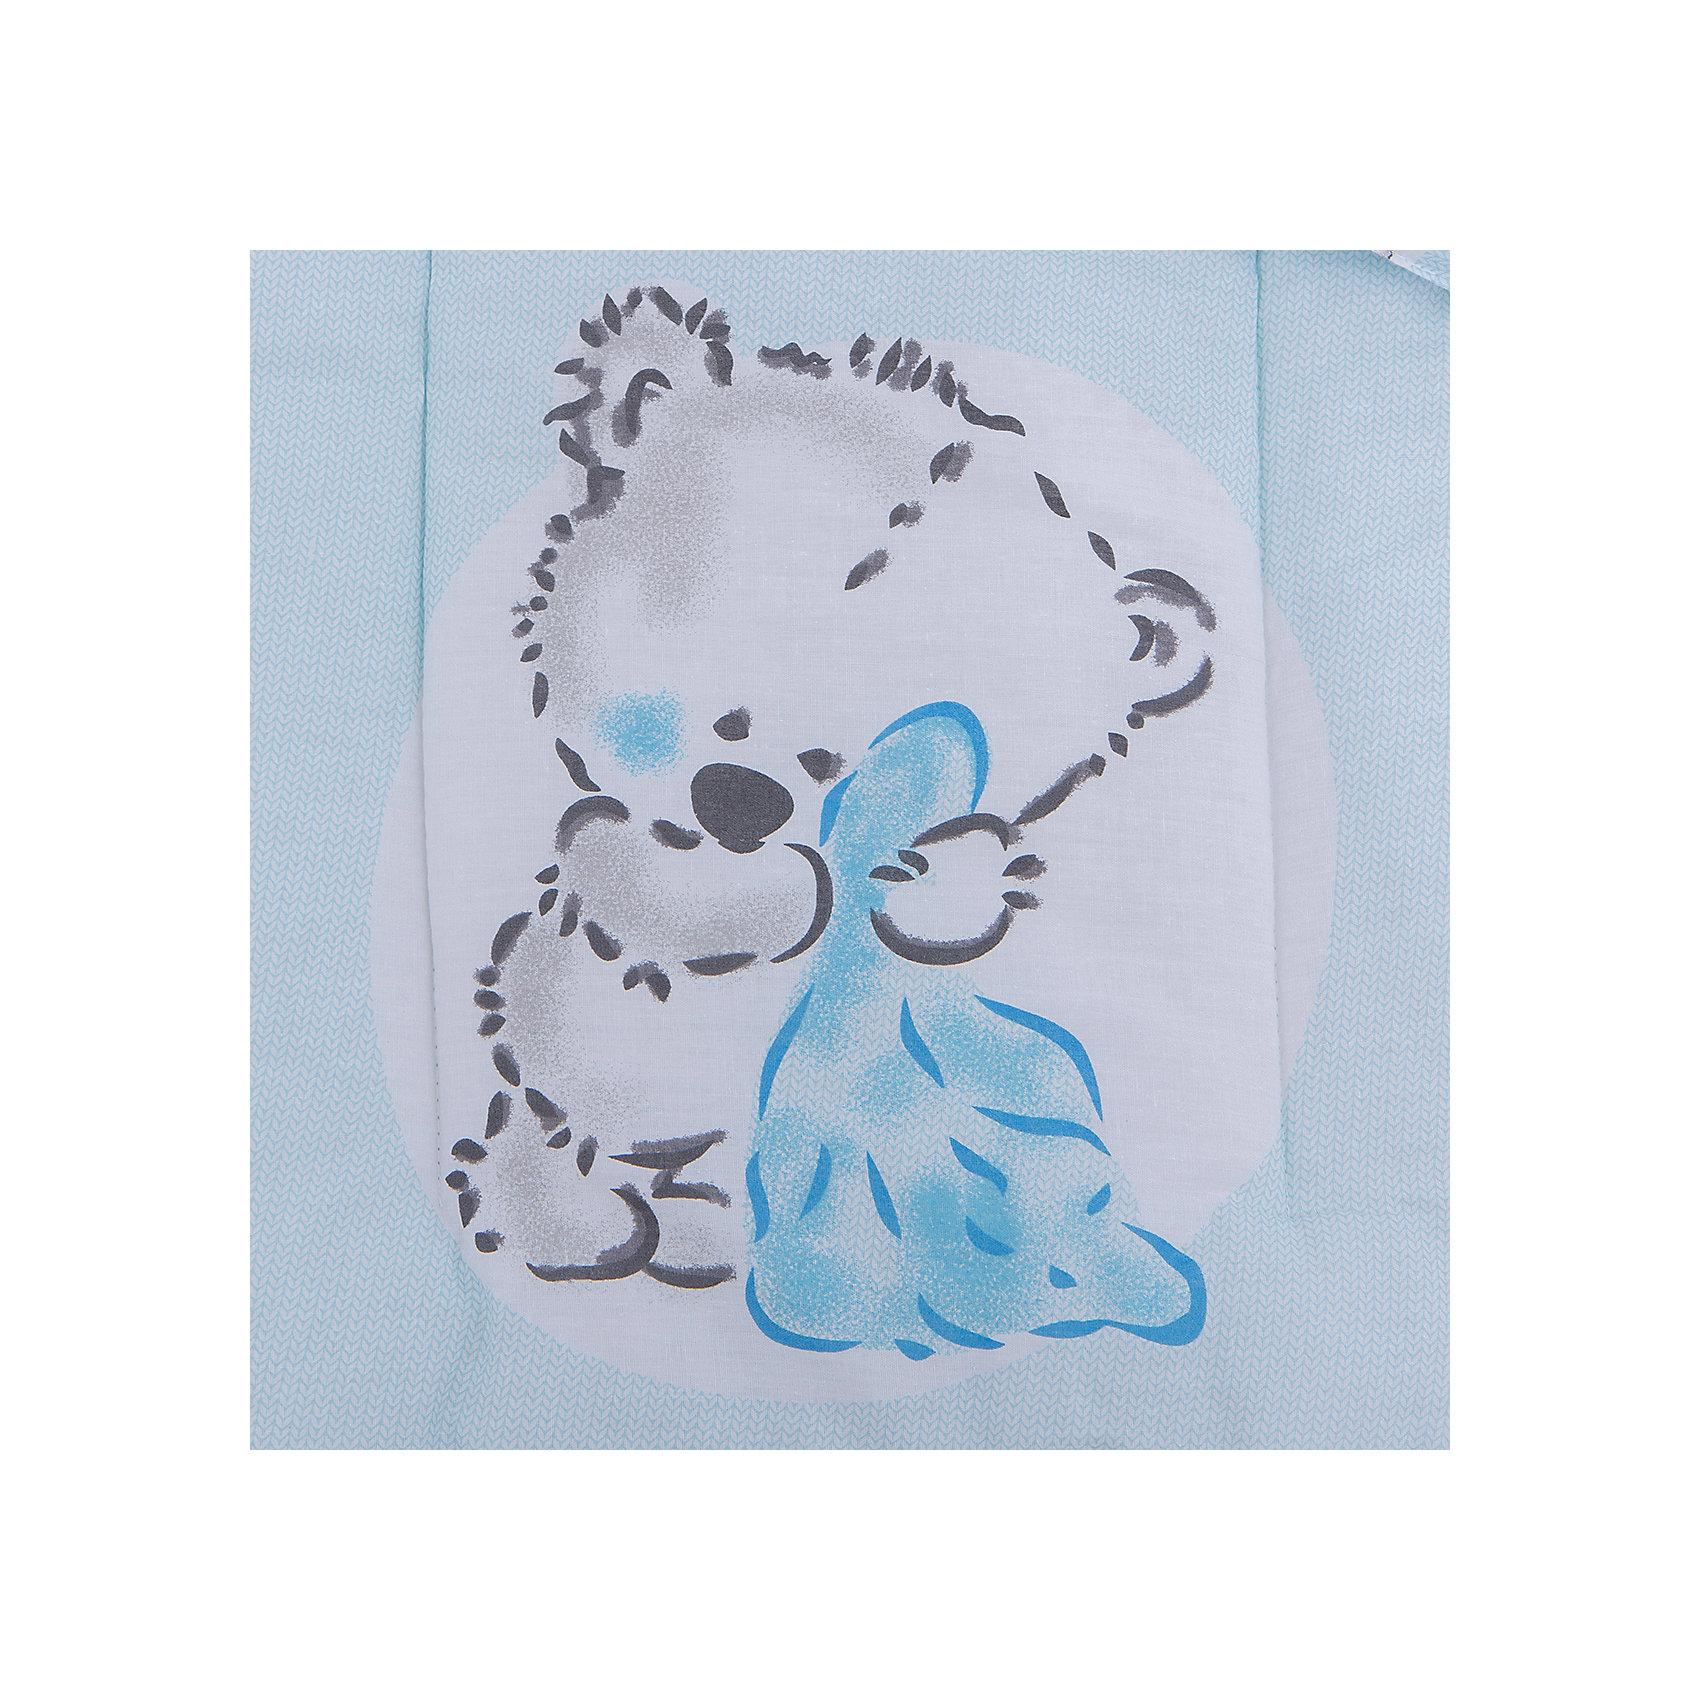 Комплект в коляску 2 пред., матрасик+подушка, Мишка с пледом, Leader kids, голубой